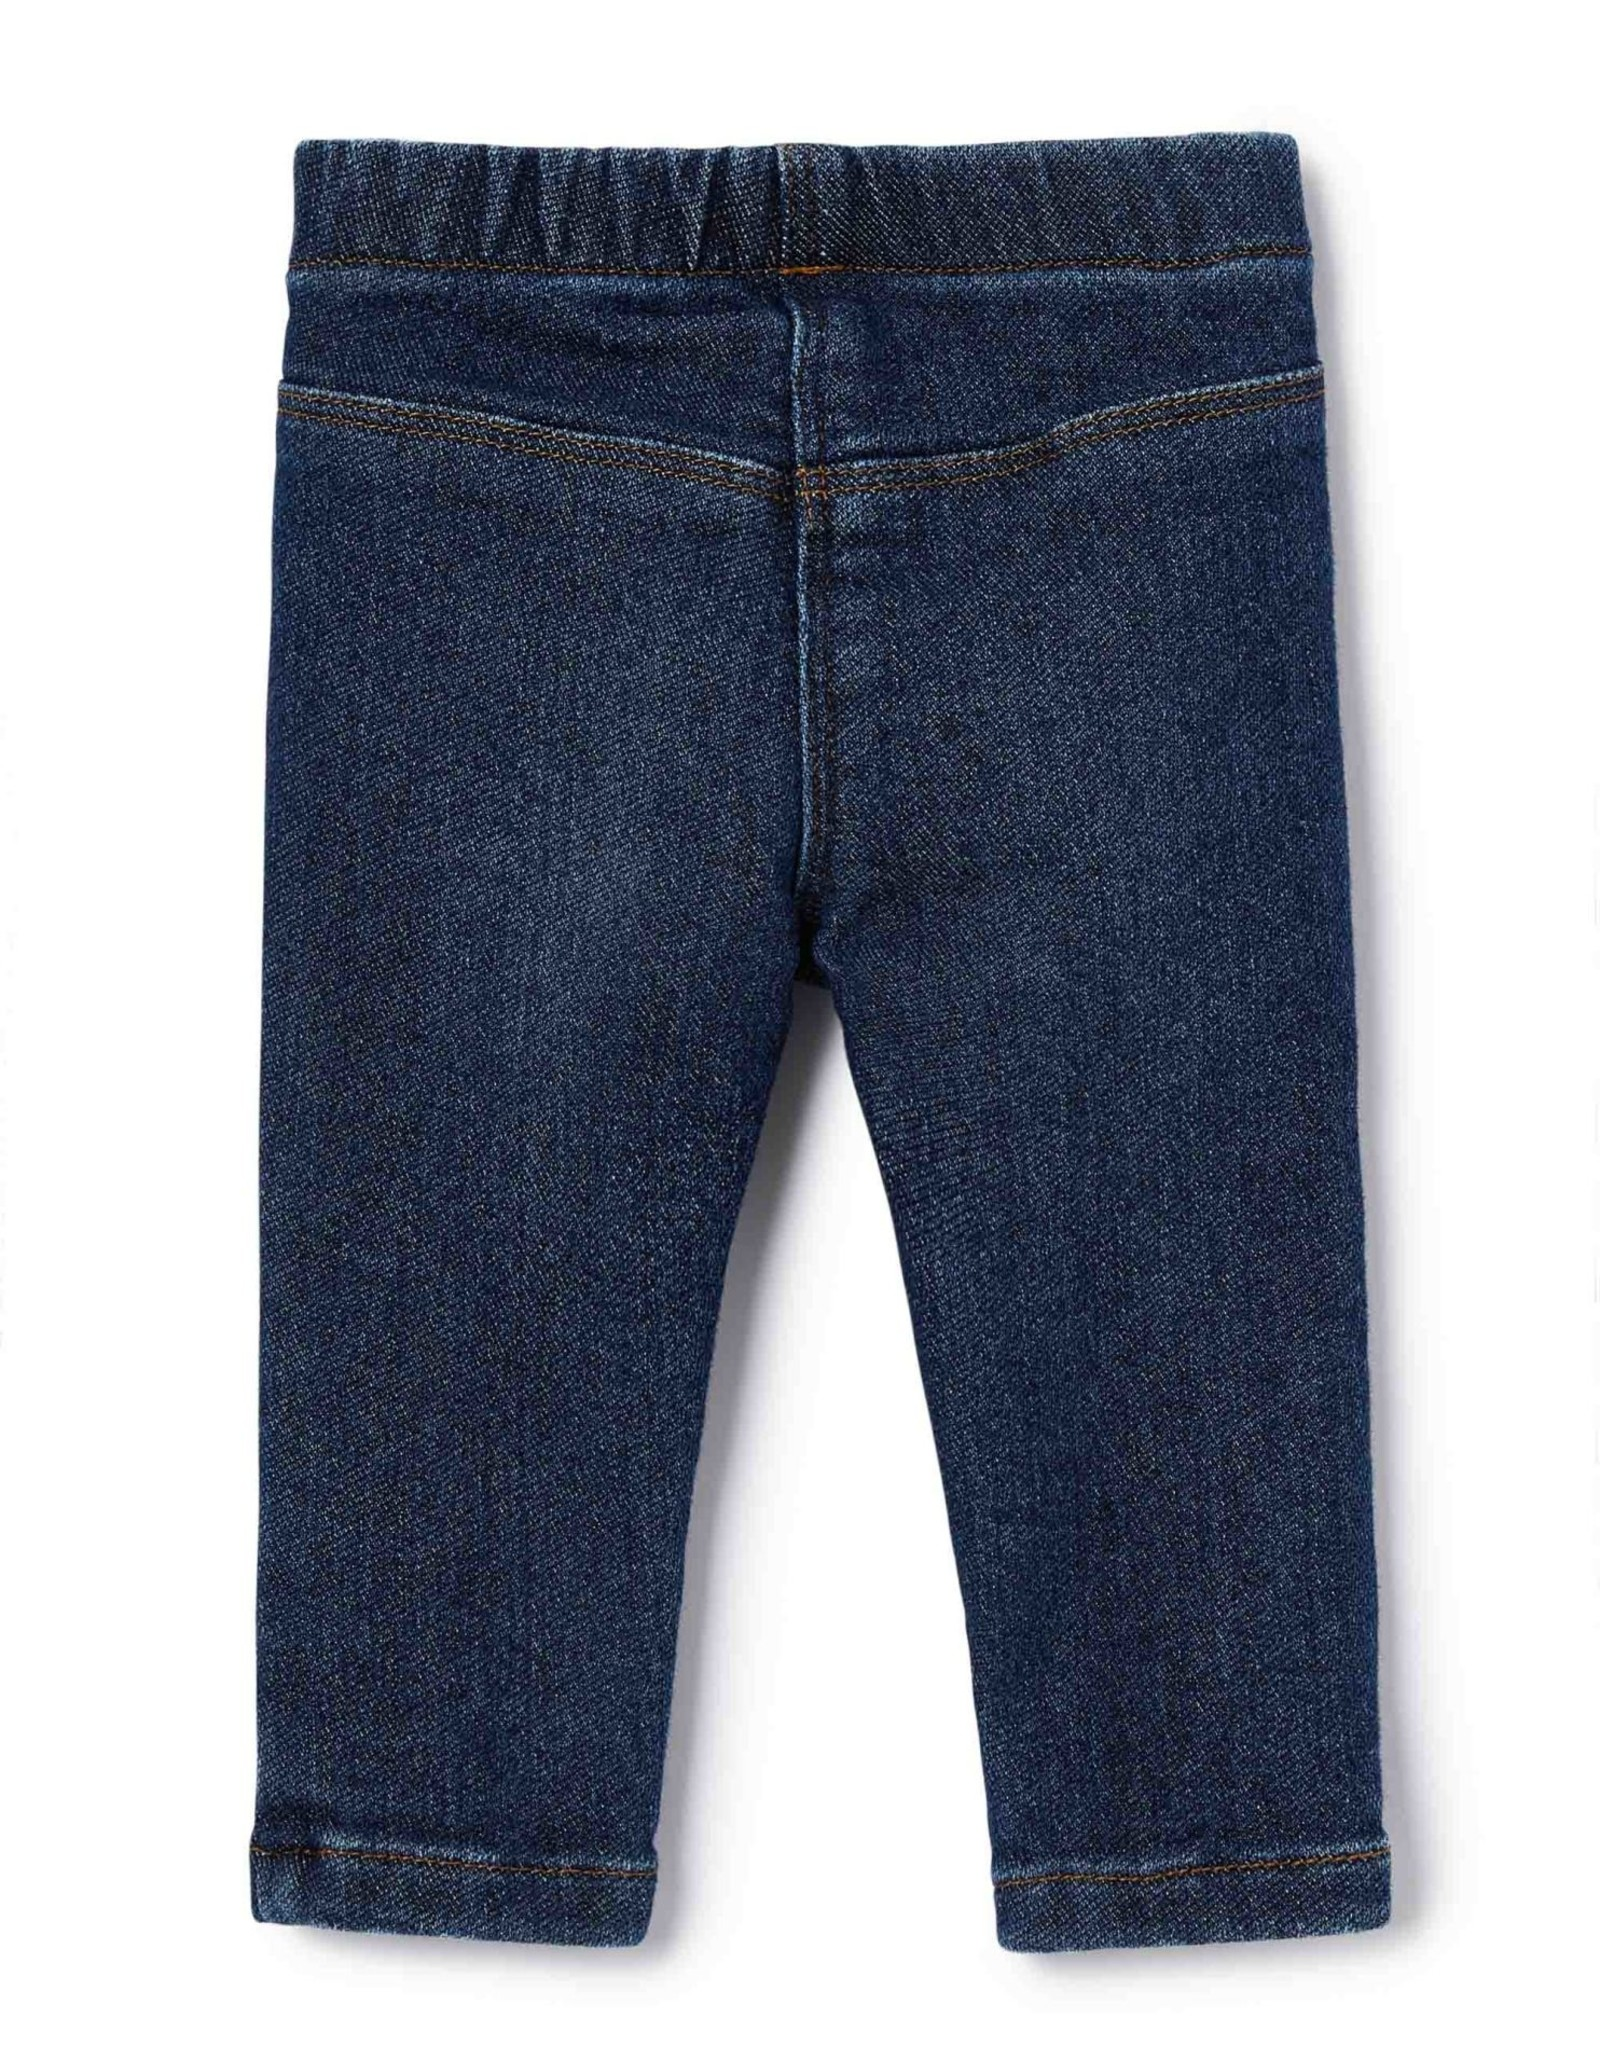 IL GUFO Trousers Dark Blue